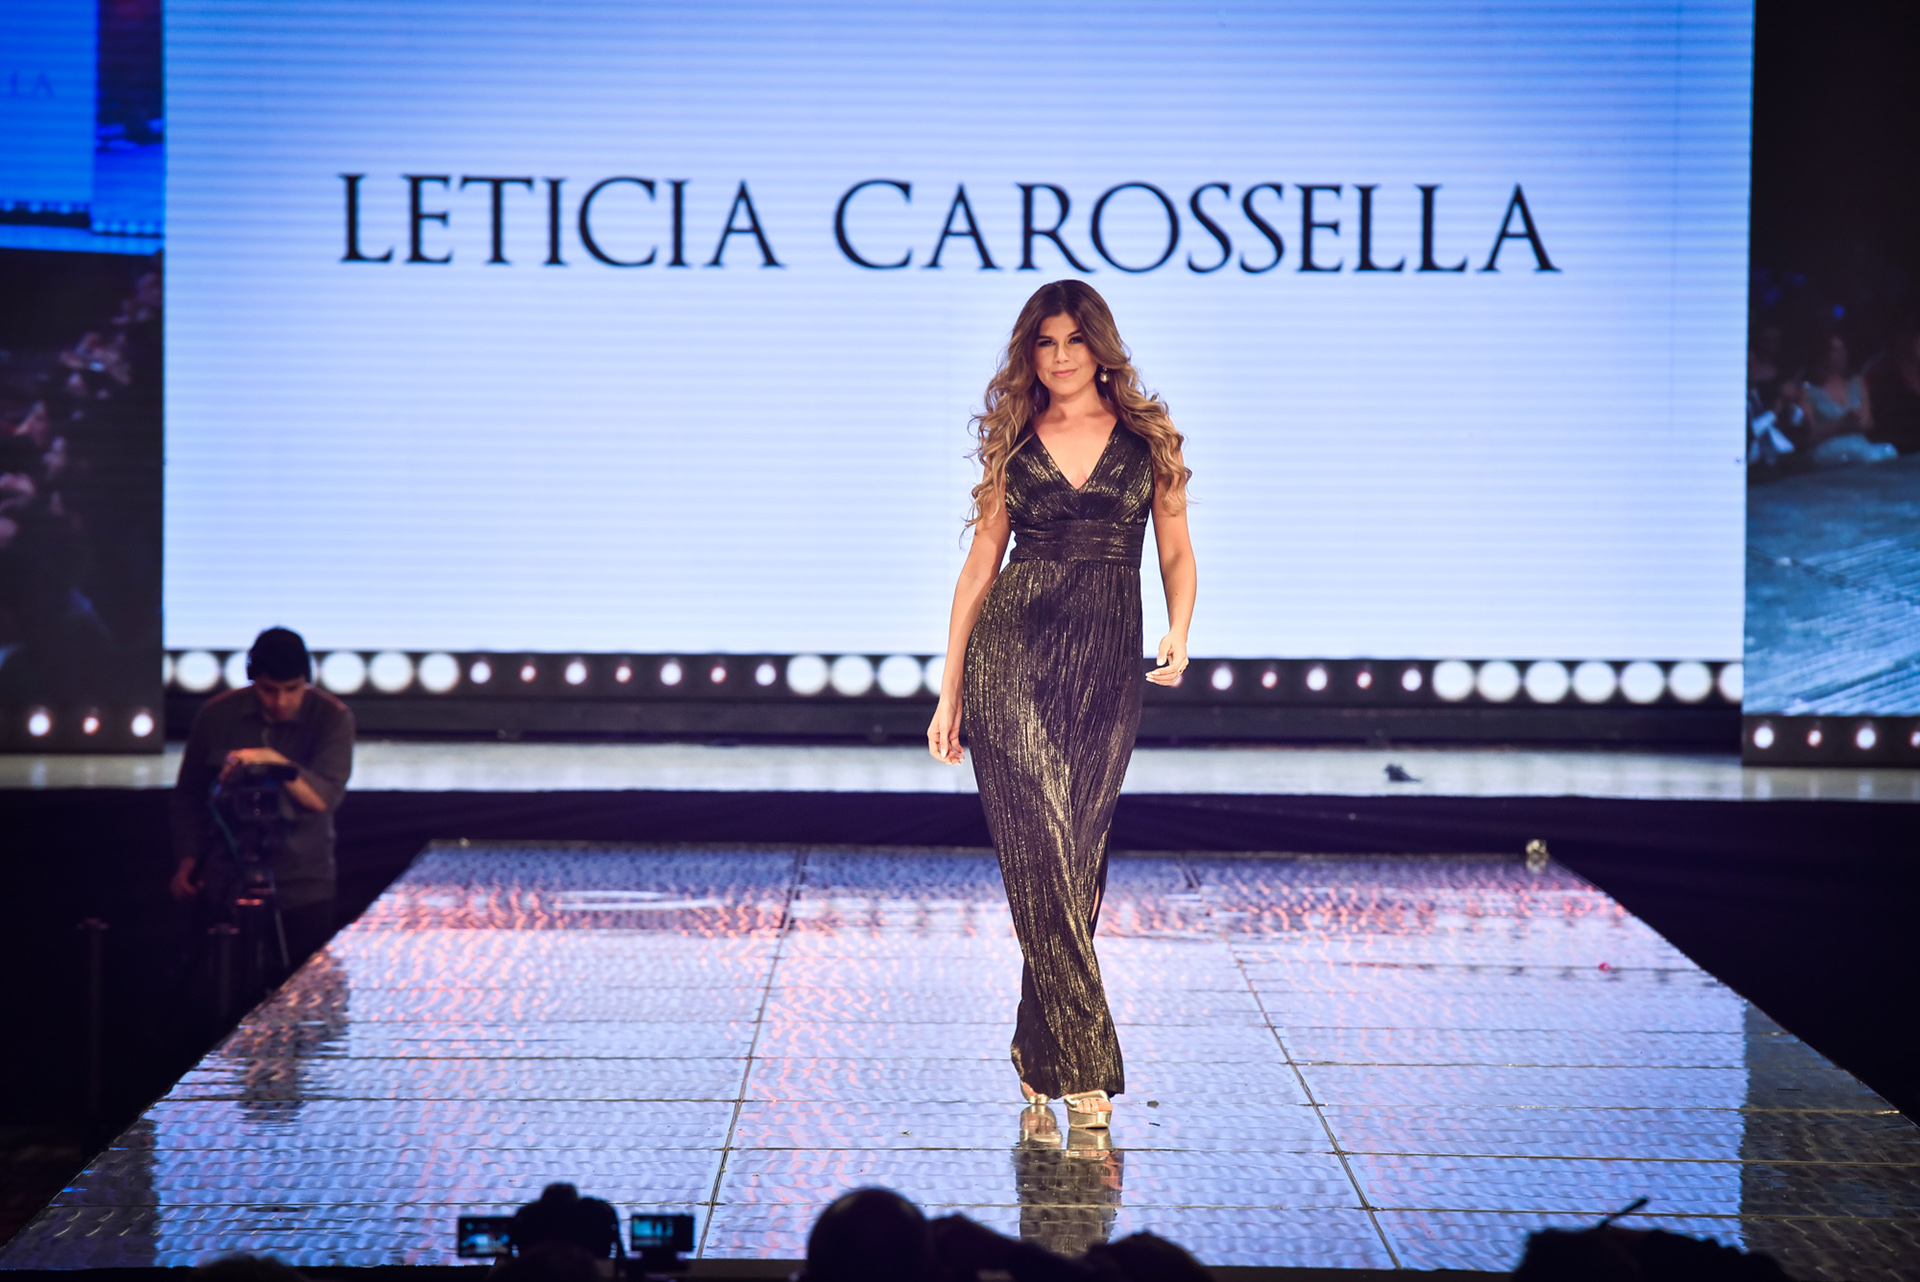 Con diseños que realzan la silueta femenina y con texturas en terciopelo, la modelo Antoniale abrió la pasada de la marca Carossella que tenía una premisa clara: diseños elegantes, finos y sotisficados